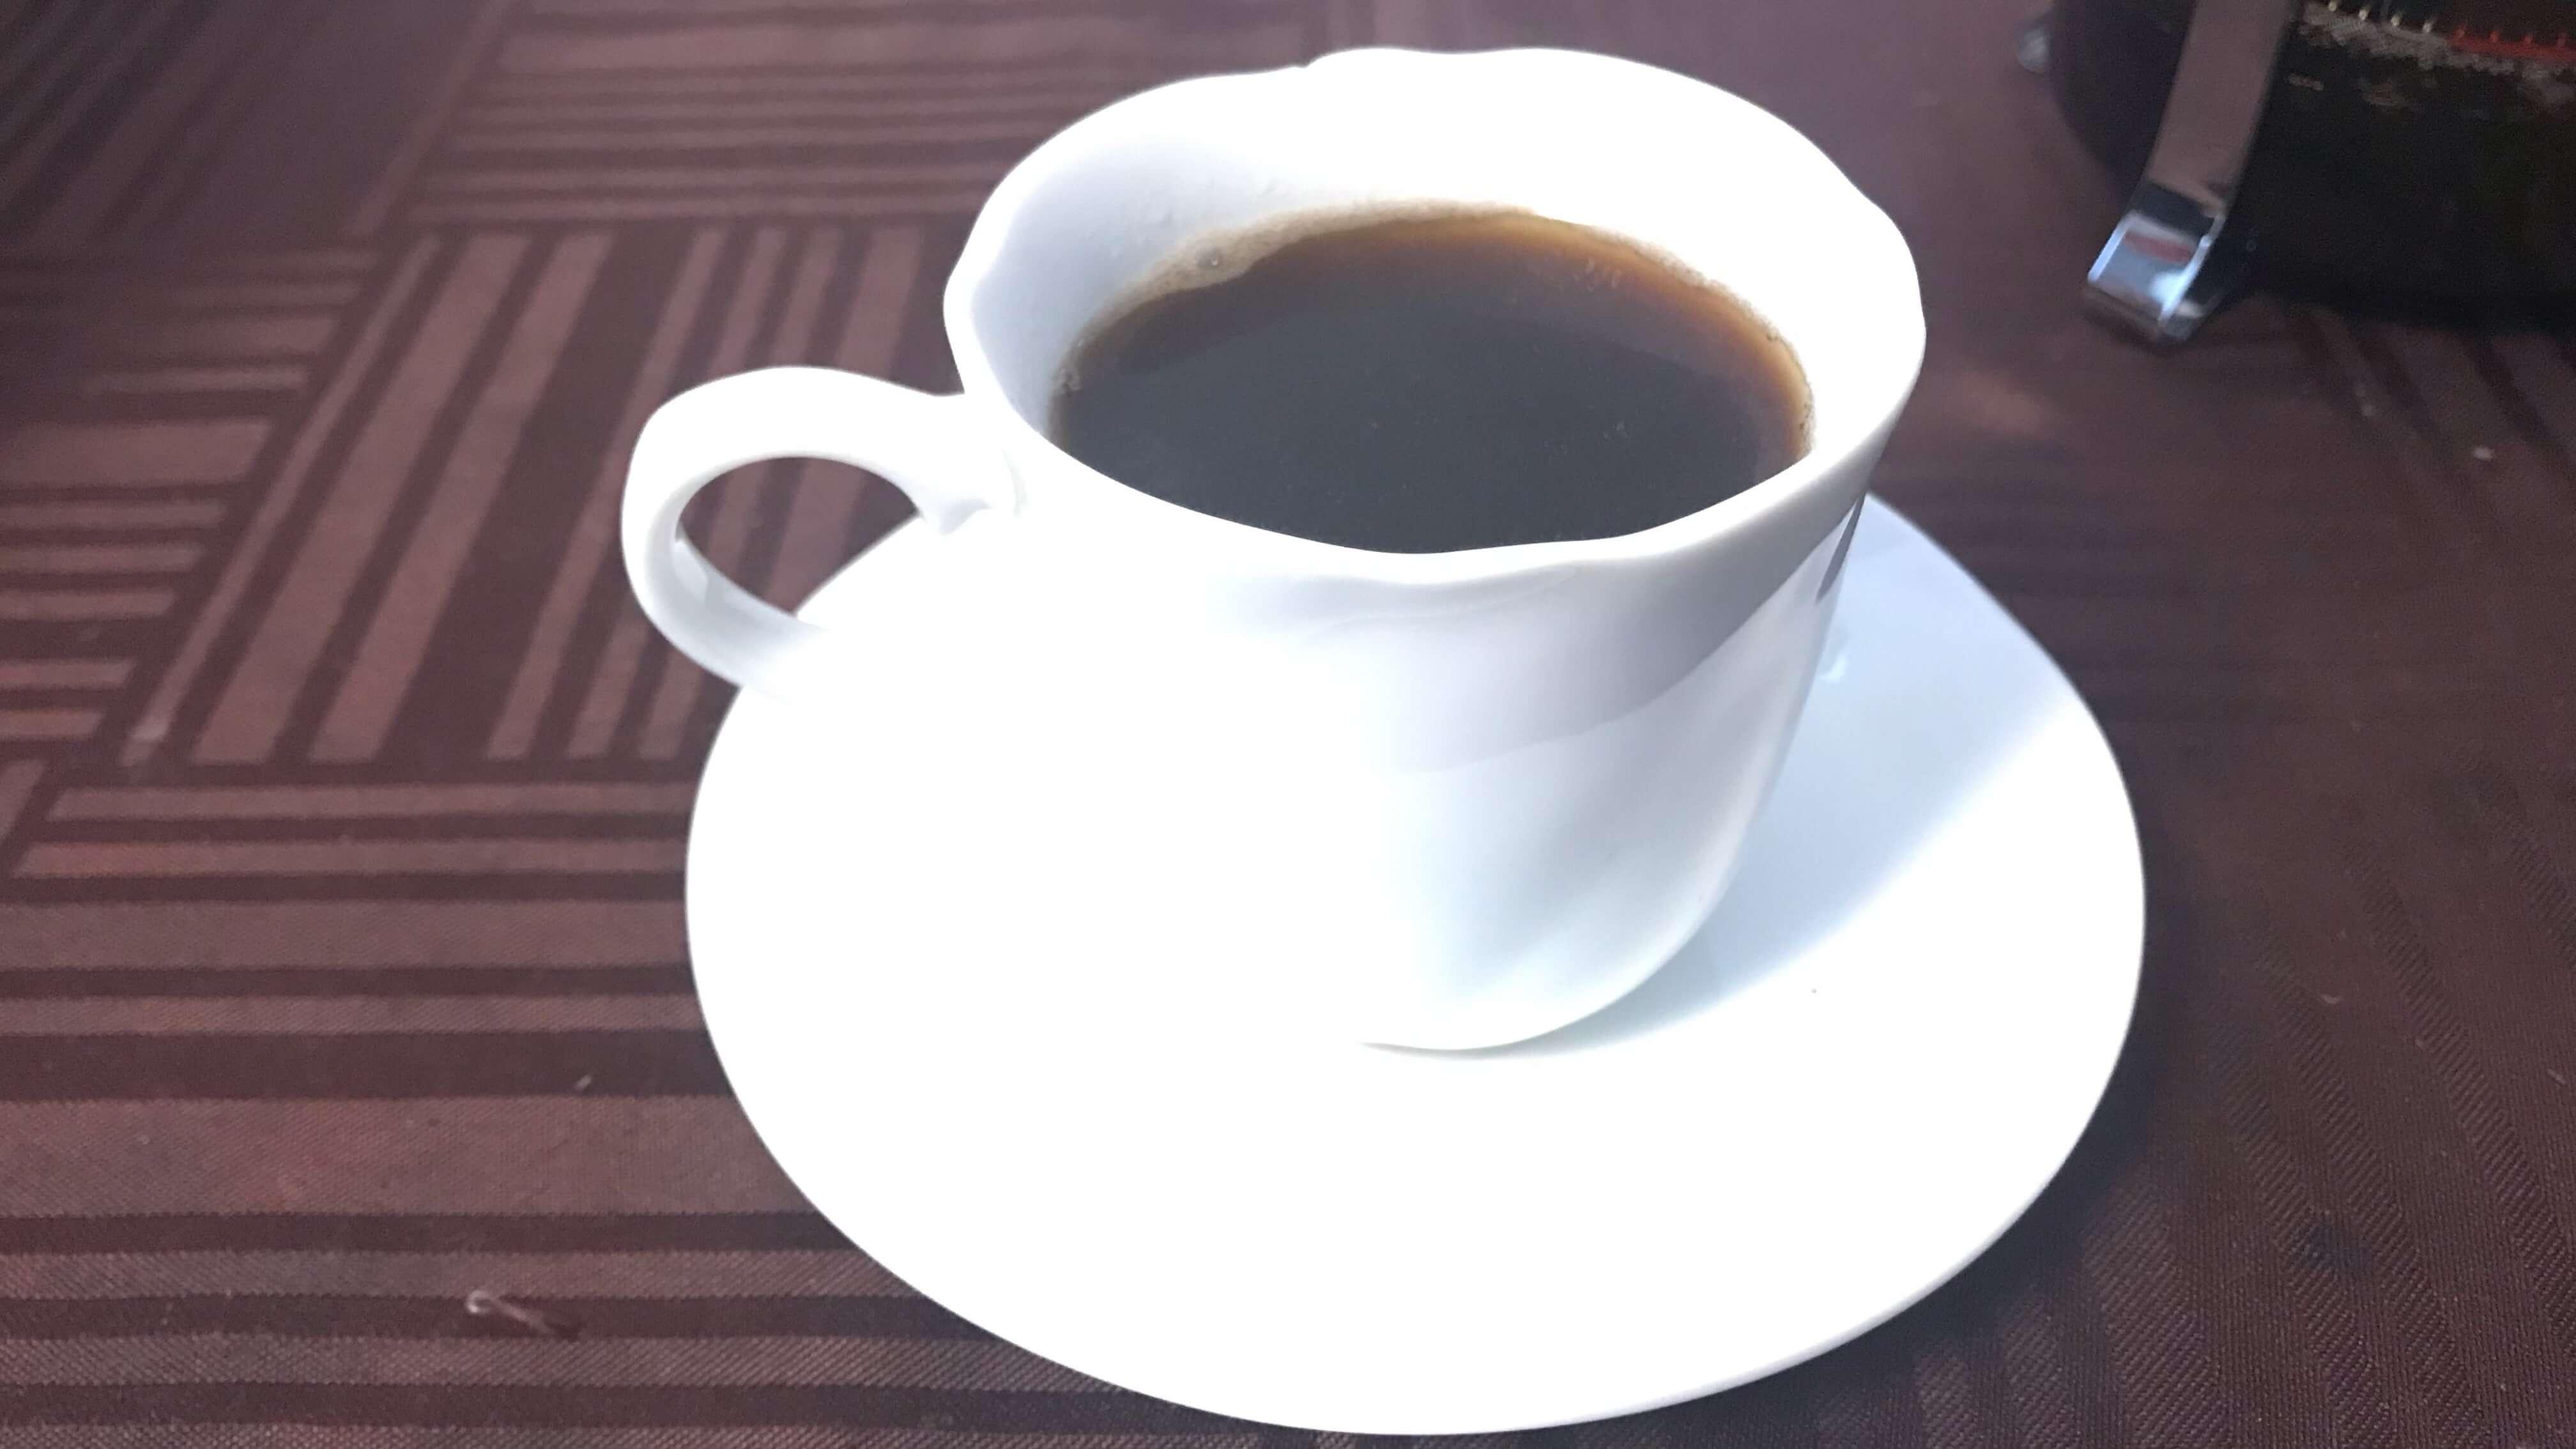 その1杯が毎日の楽しみになる。美味しいコーヒーの淹れ方とおすすめの道具。